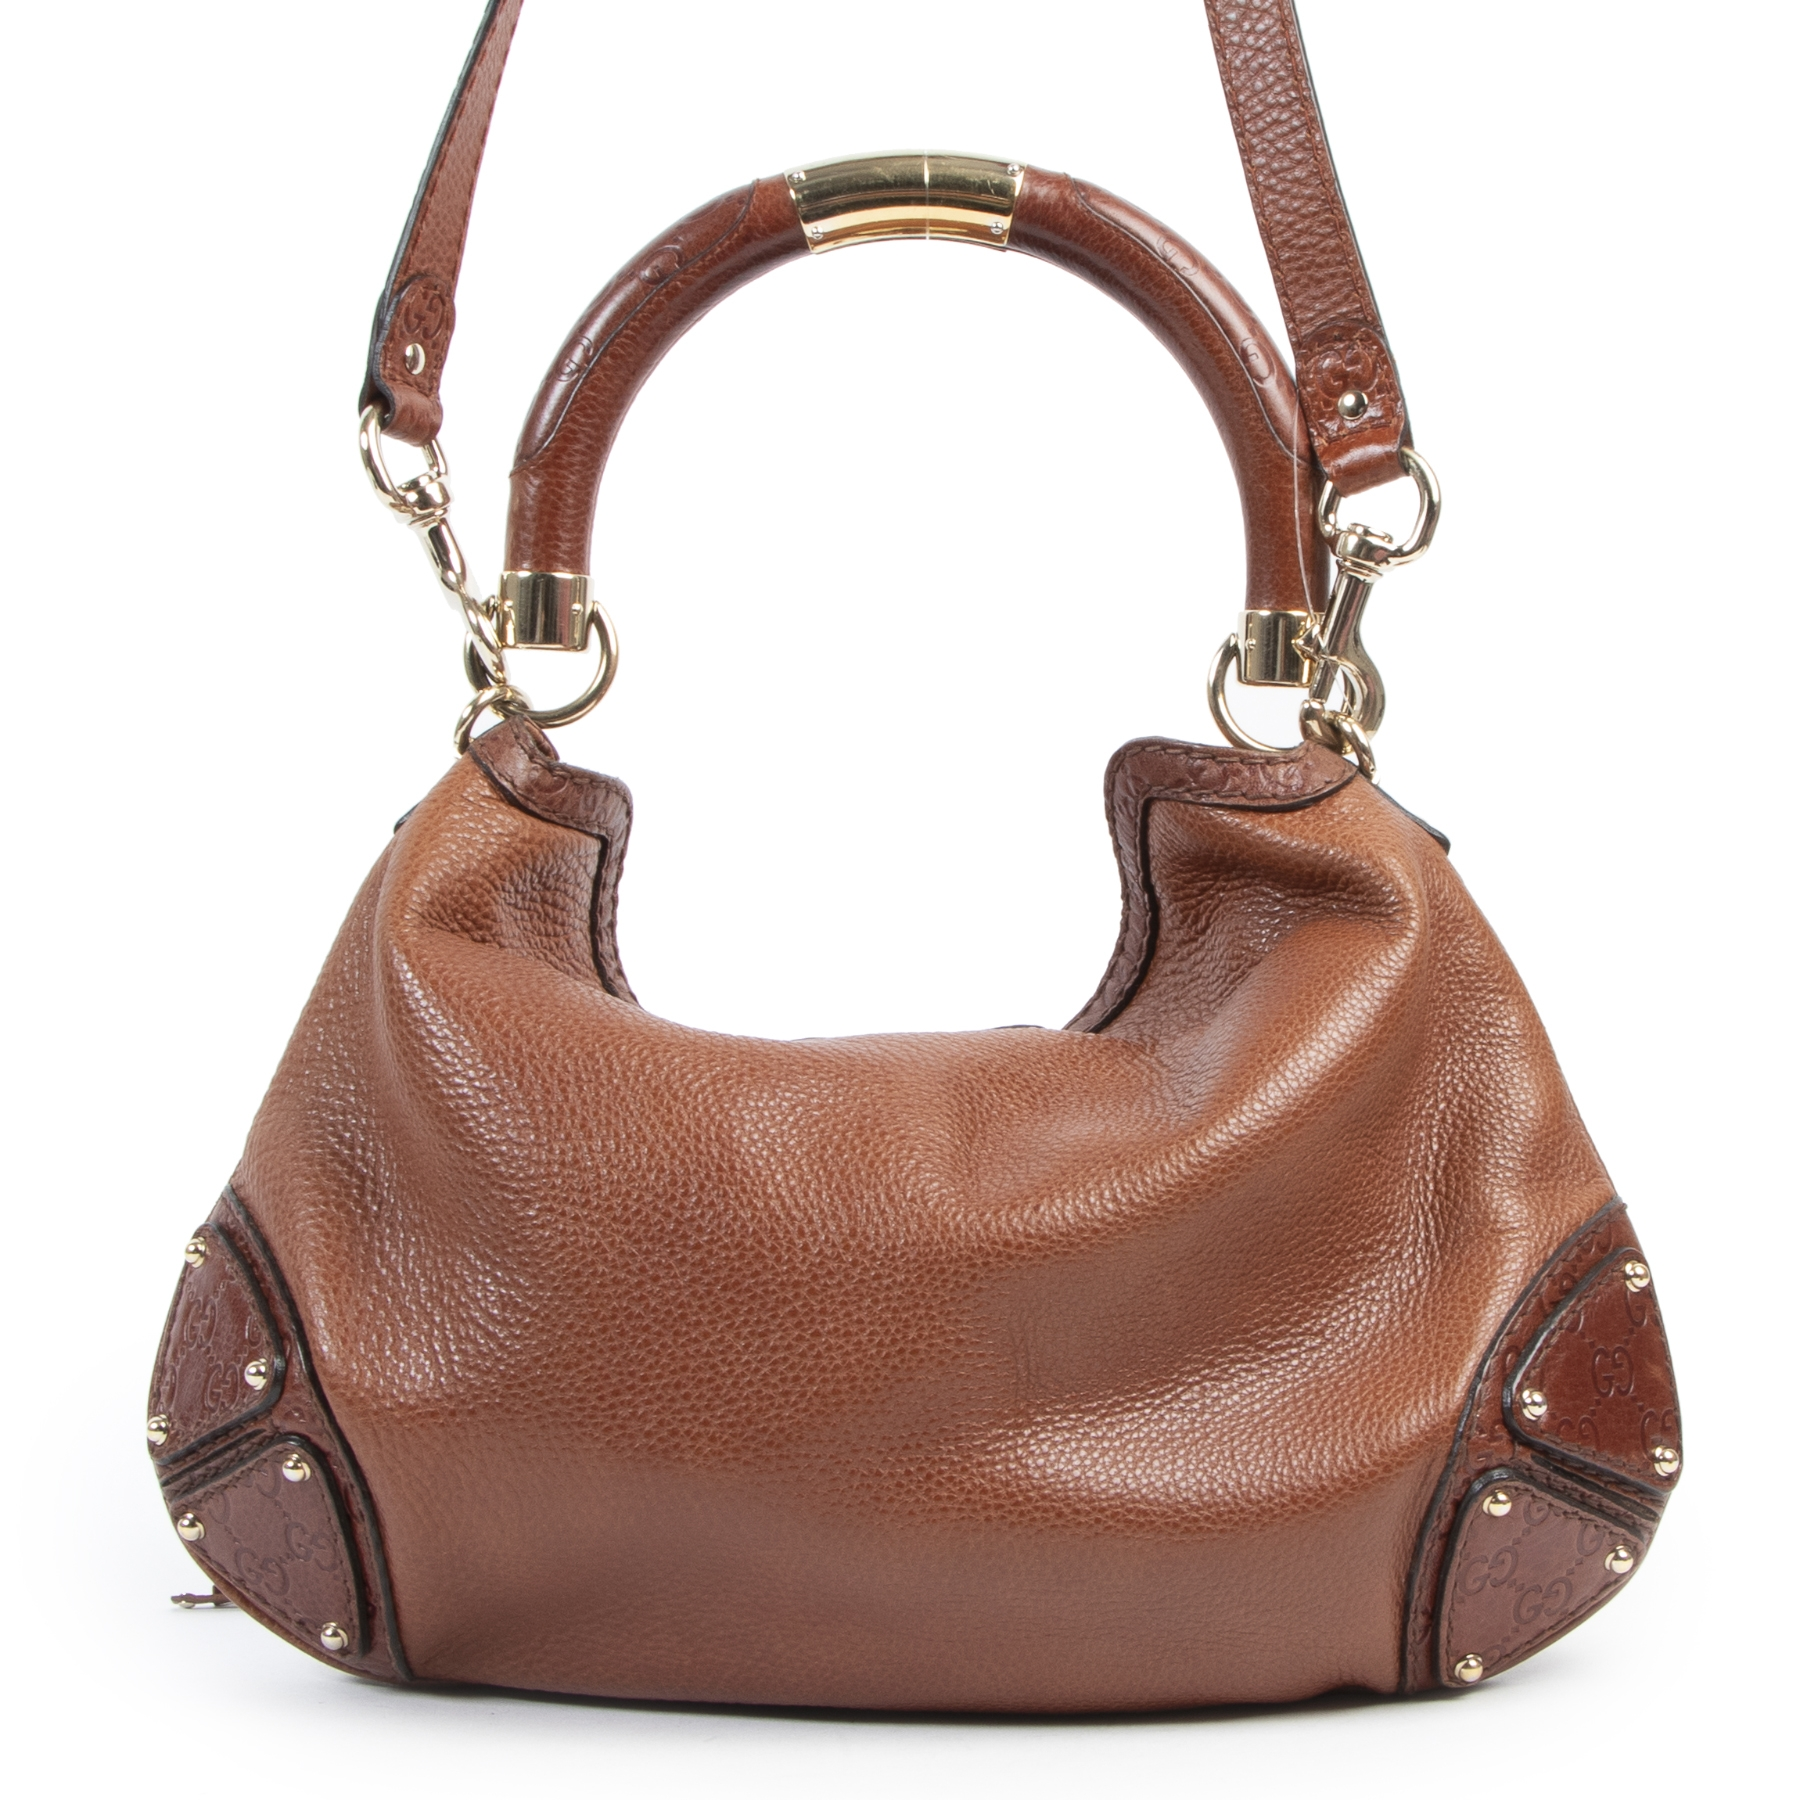 Authentieke Tweedehands Gucci Brown Leather Babouska Indy Bag juiste prijs veilig online shoppen luxe merken webshop winkelen Antwerpen België mode fashion